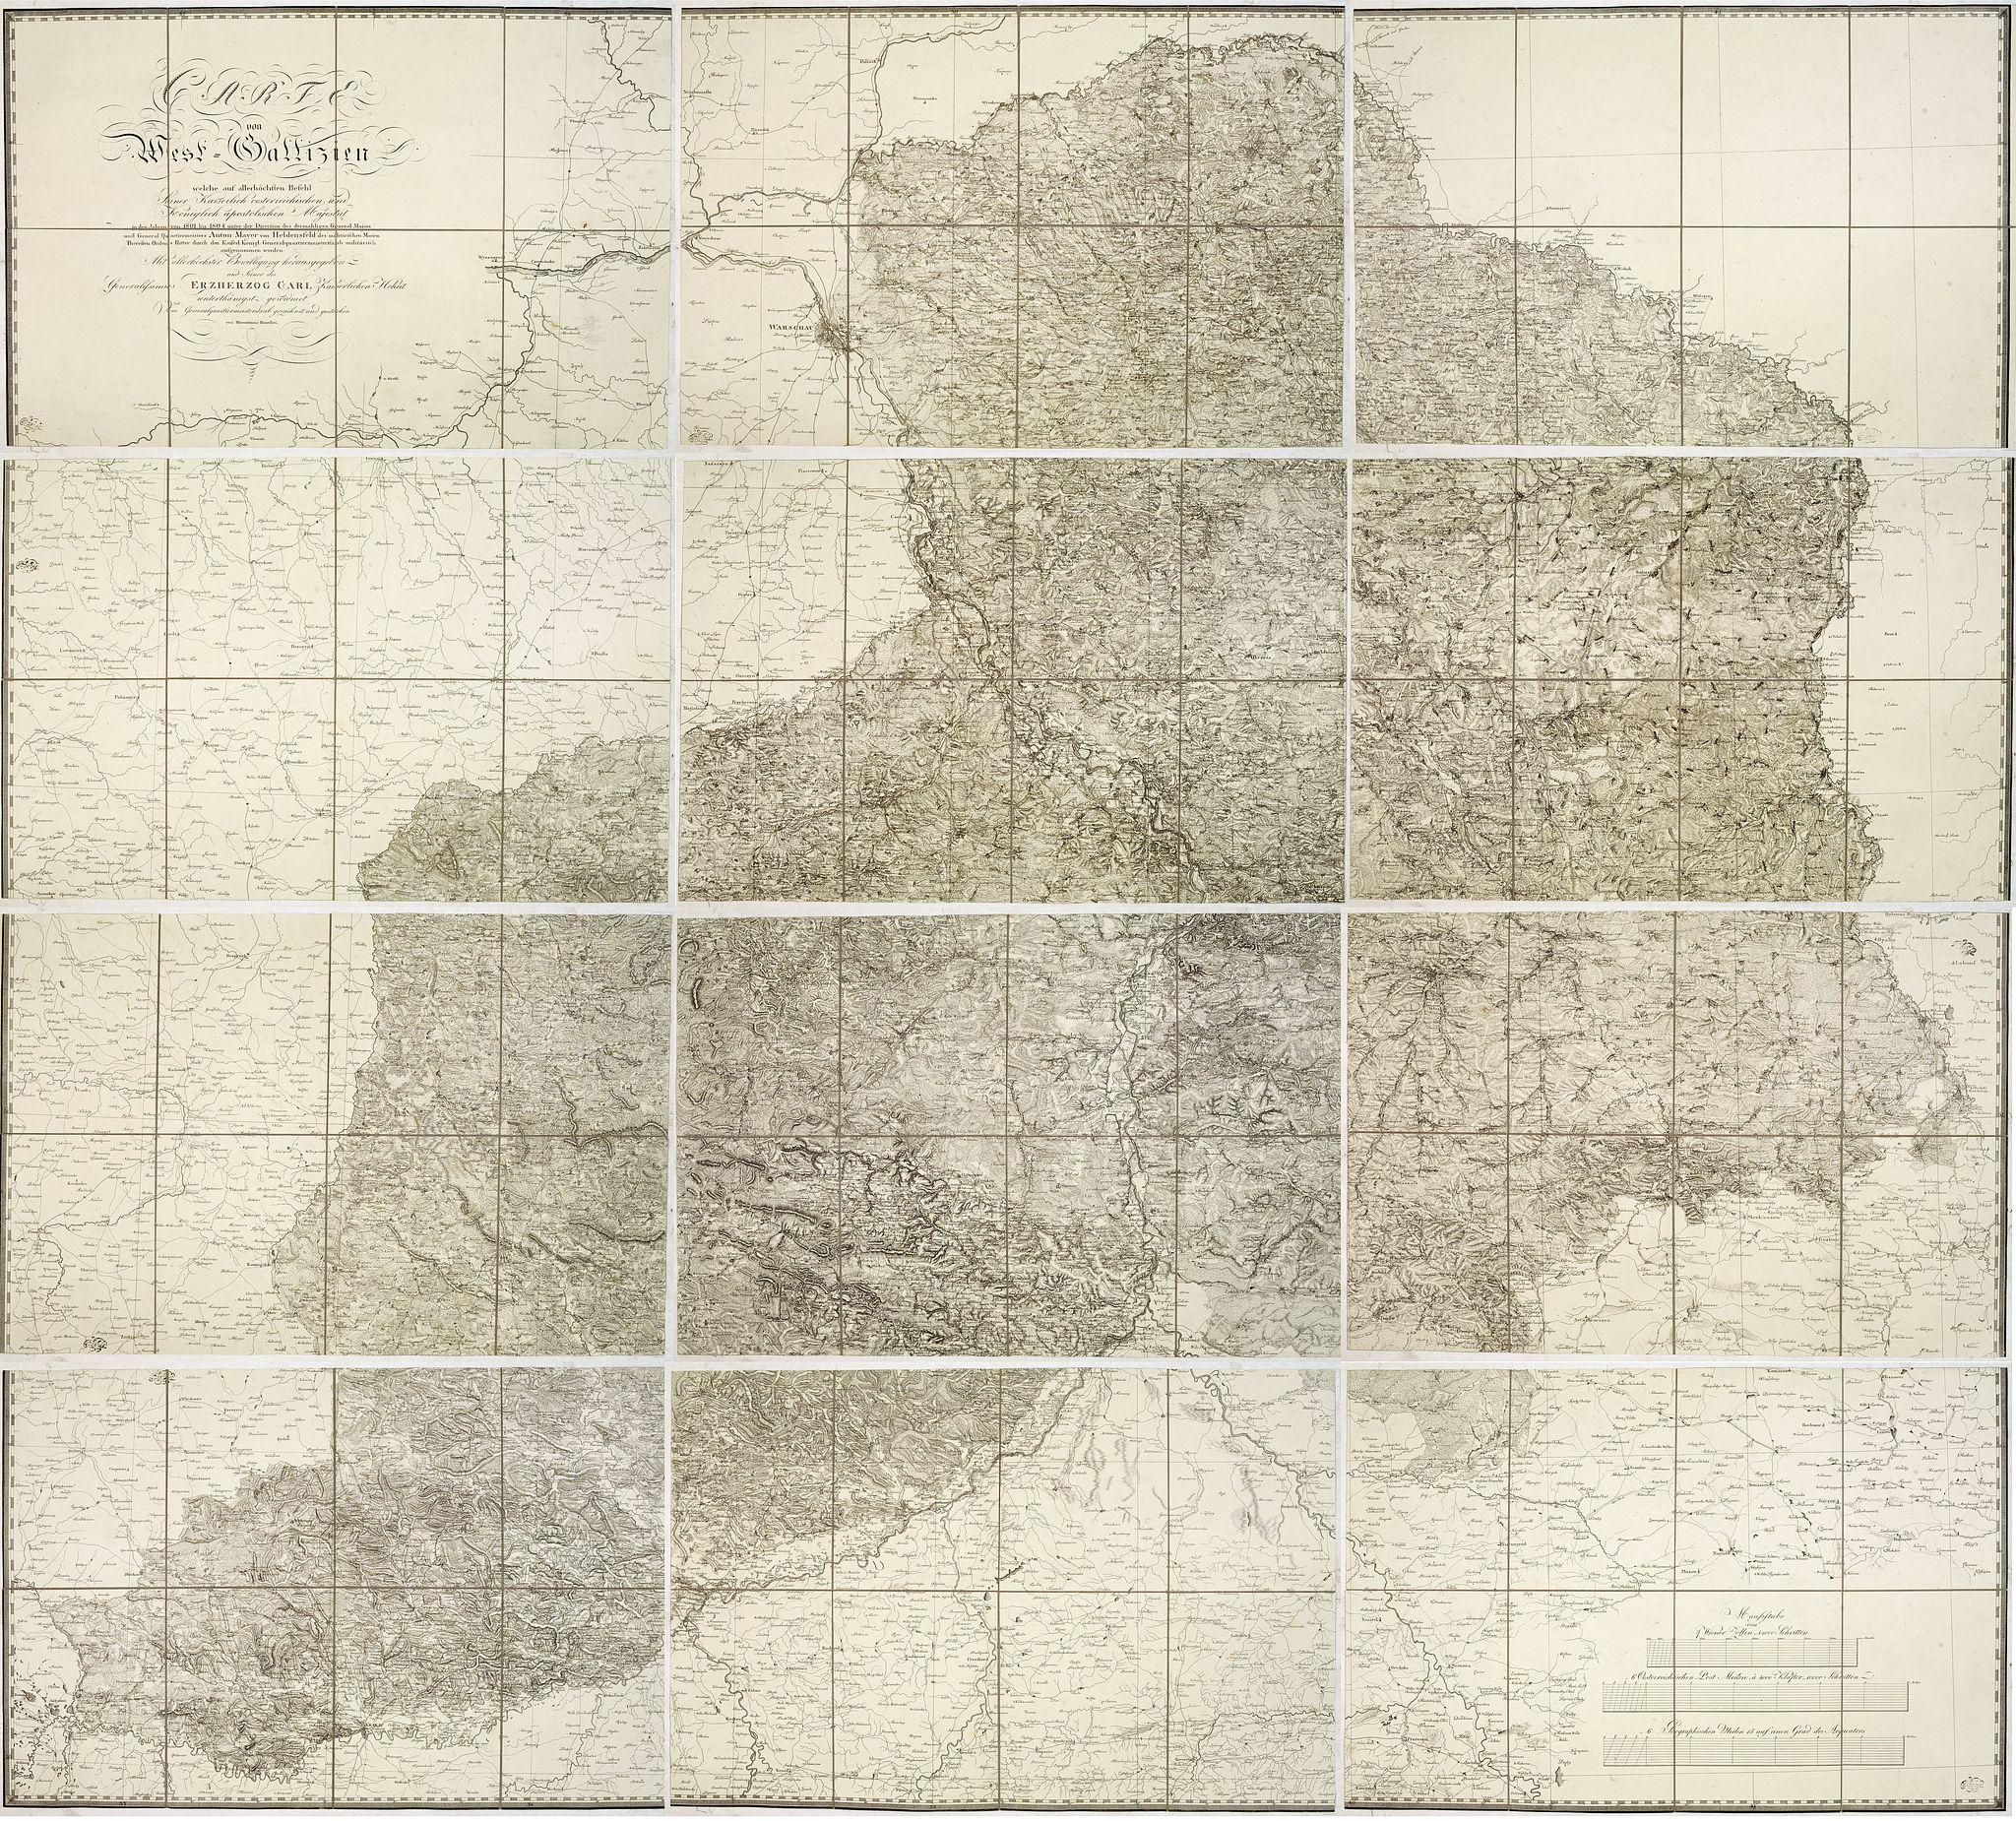 VON HELDENSFELD, A. M. / BENEDICTI. -  Carte von West=Gallizien welche auf allerhöchsten Befehl Seiner Kaiserlich oesterreichischen und Königlich apostolischen Majestät in den Jahren 1801 bis 1804. . .